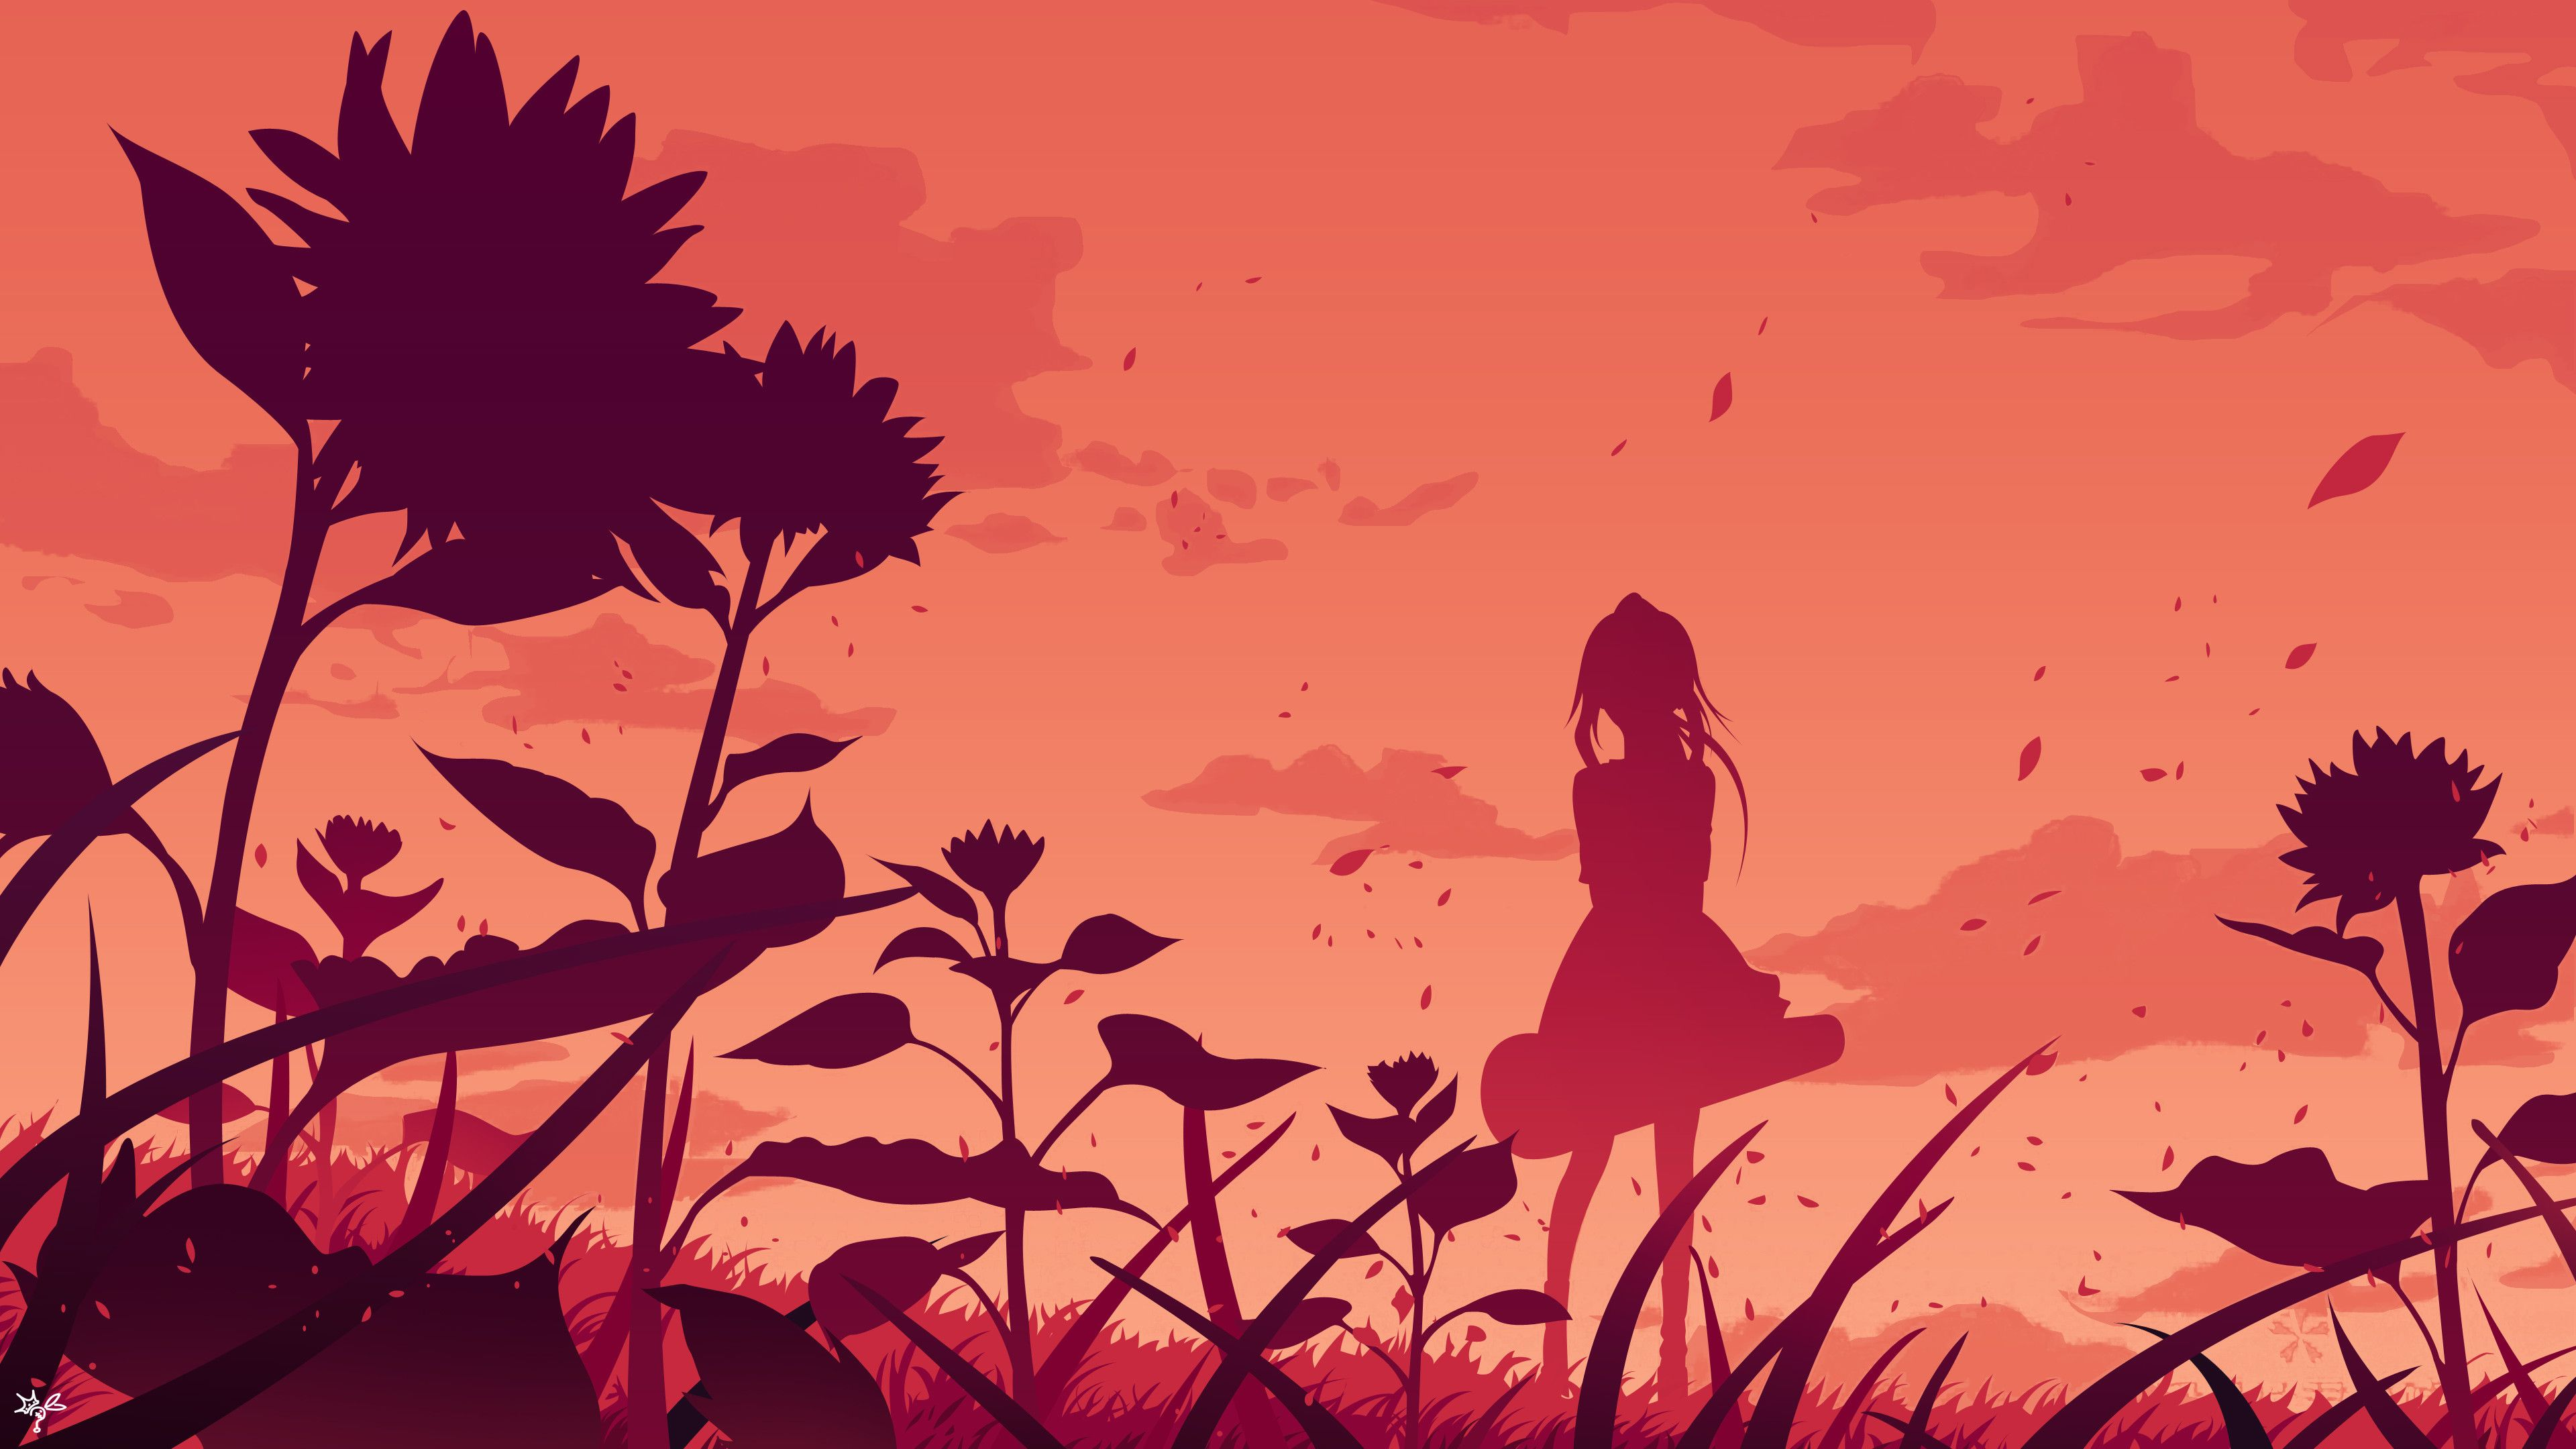 3840x2160 Your Resolution Anime, Nghệ thuật, Hình nền